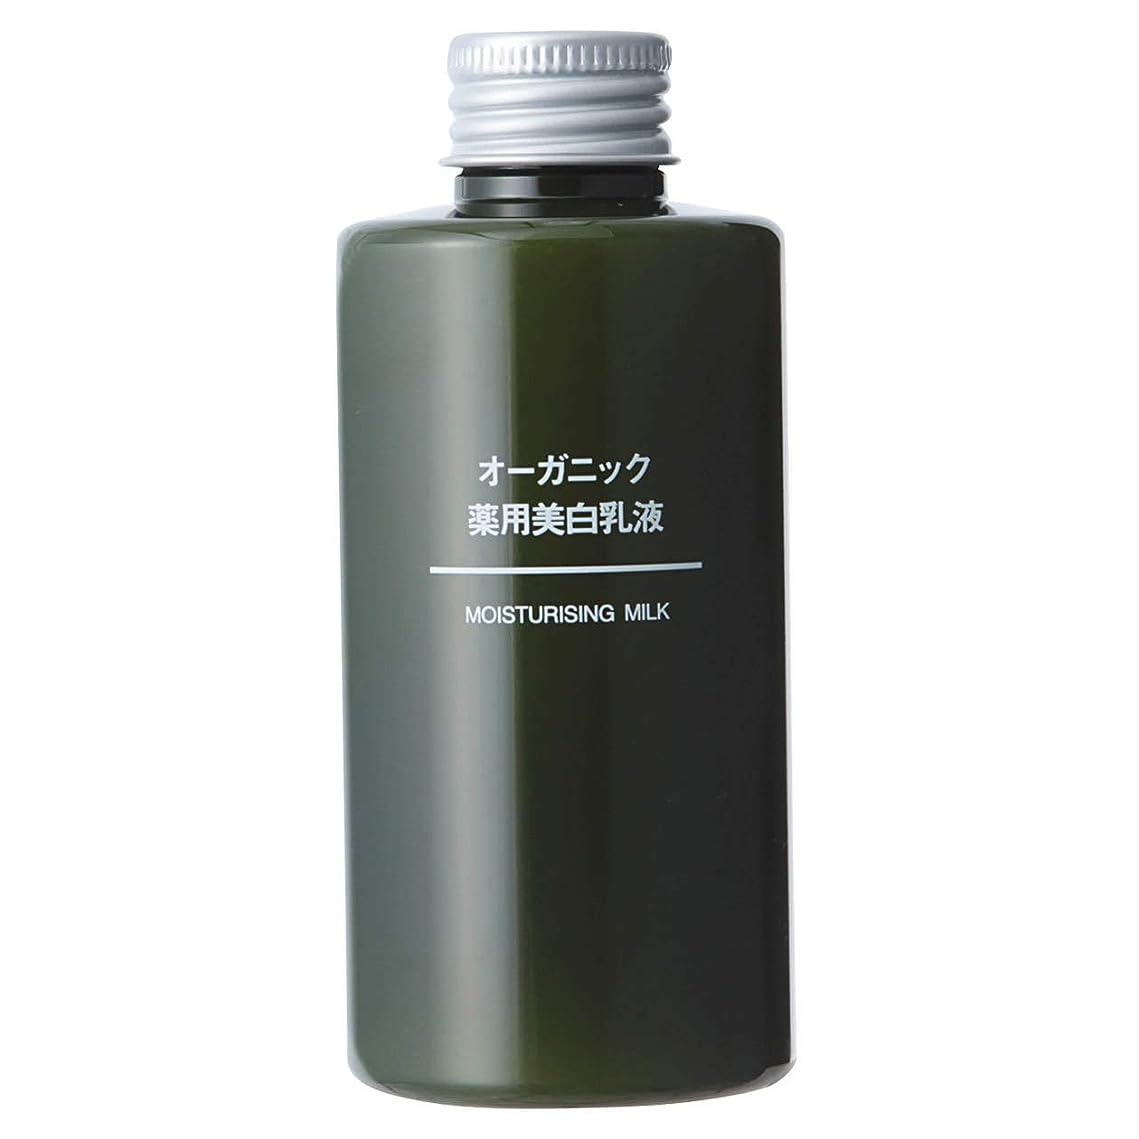 発音する空時無印良品 オーガニック薬用美白乳液 (新)150ml